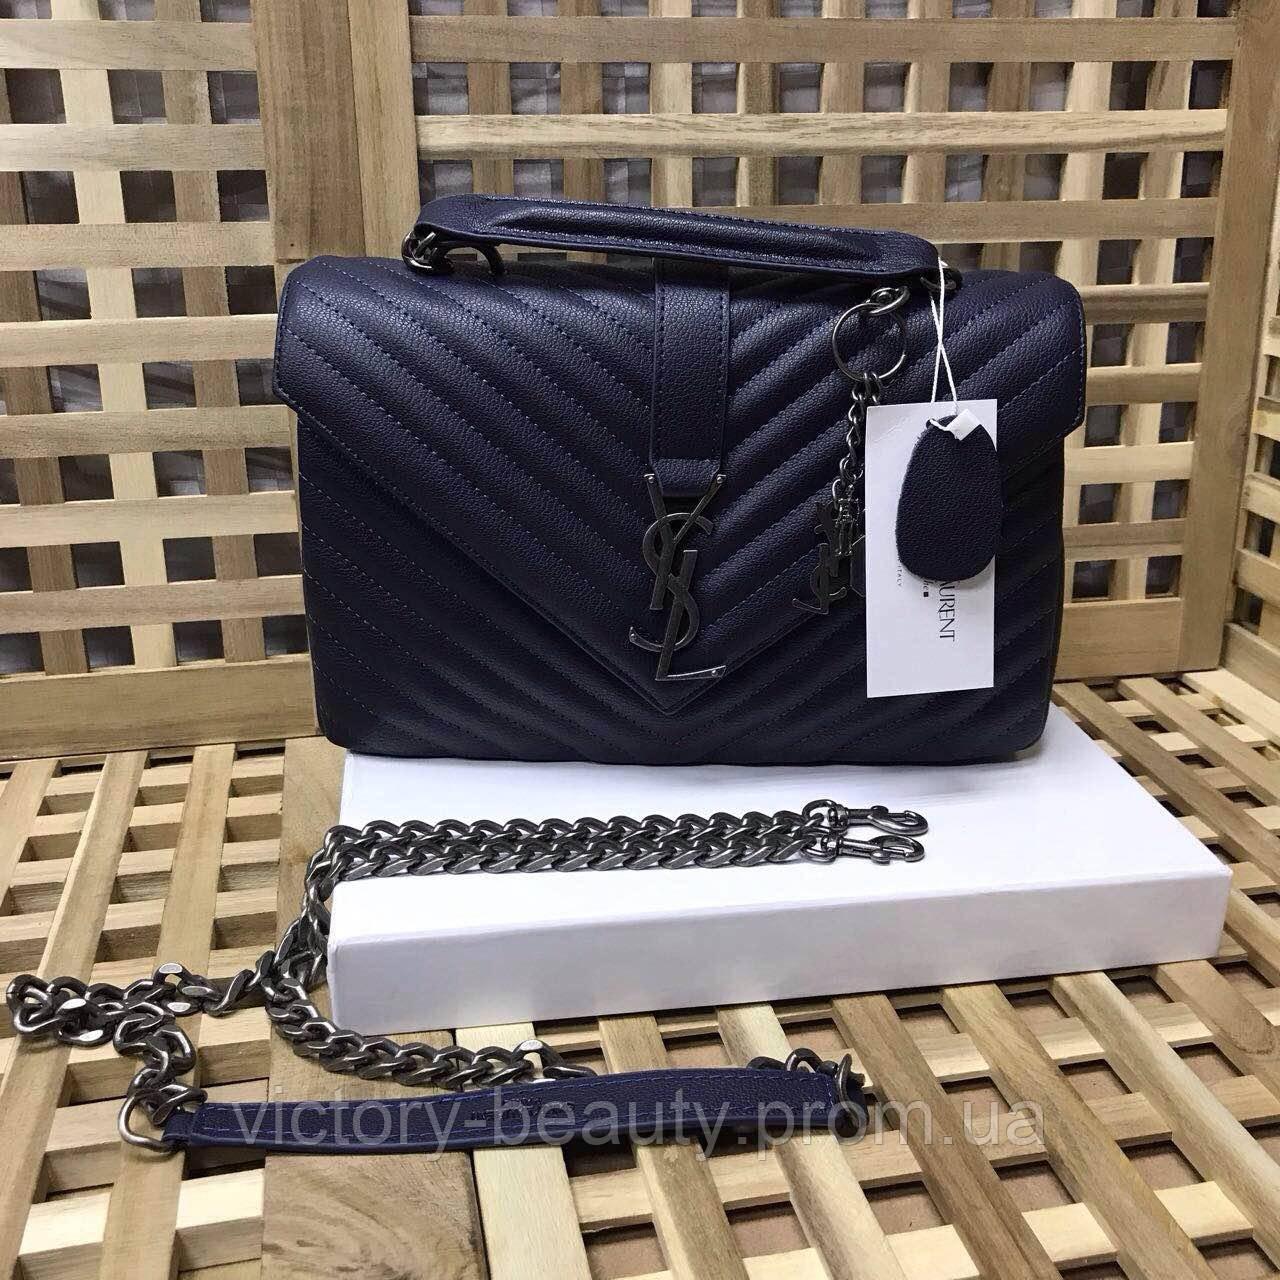 0615ec5bfc73 Сумка копия люкс Yves Saint Laurent - Интернет - Магазин